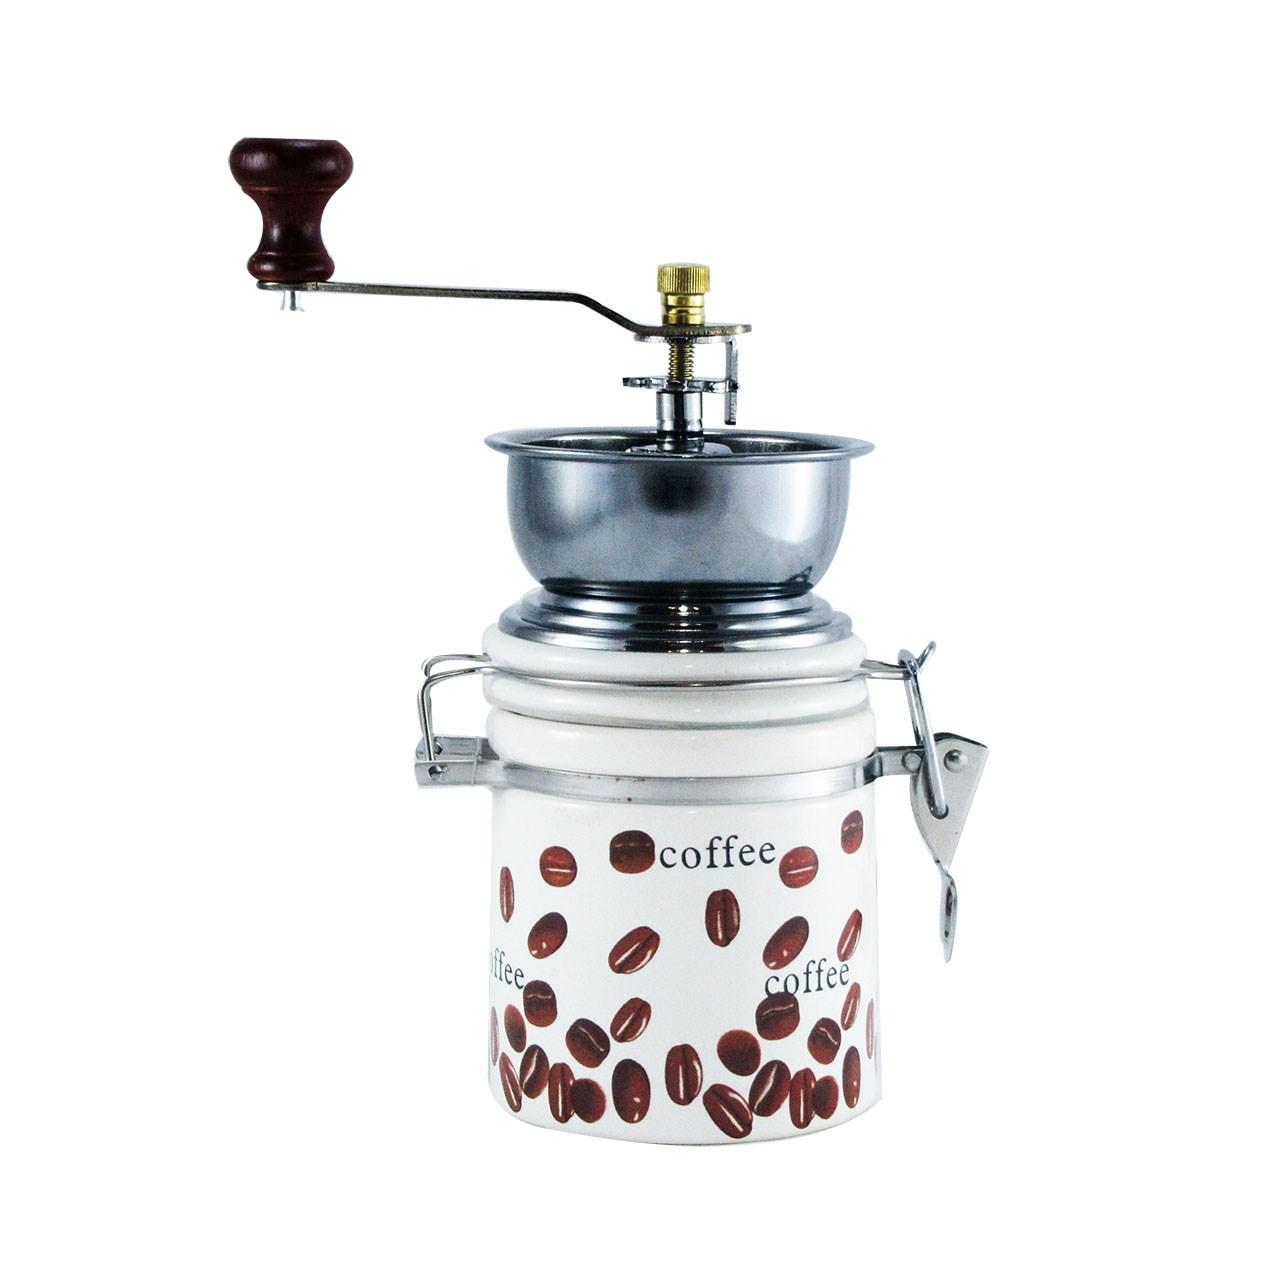 آسیاب قهوه کوه شاپ مدل MM68-11